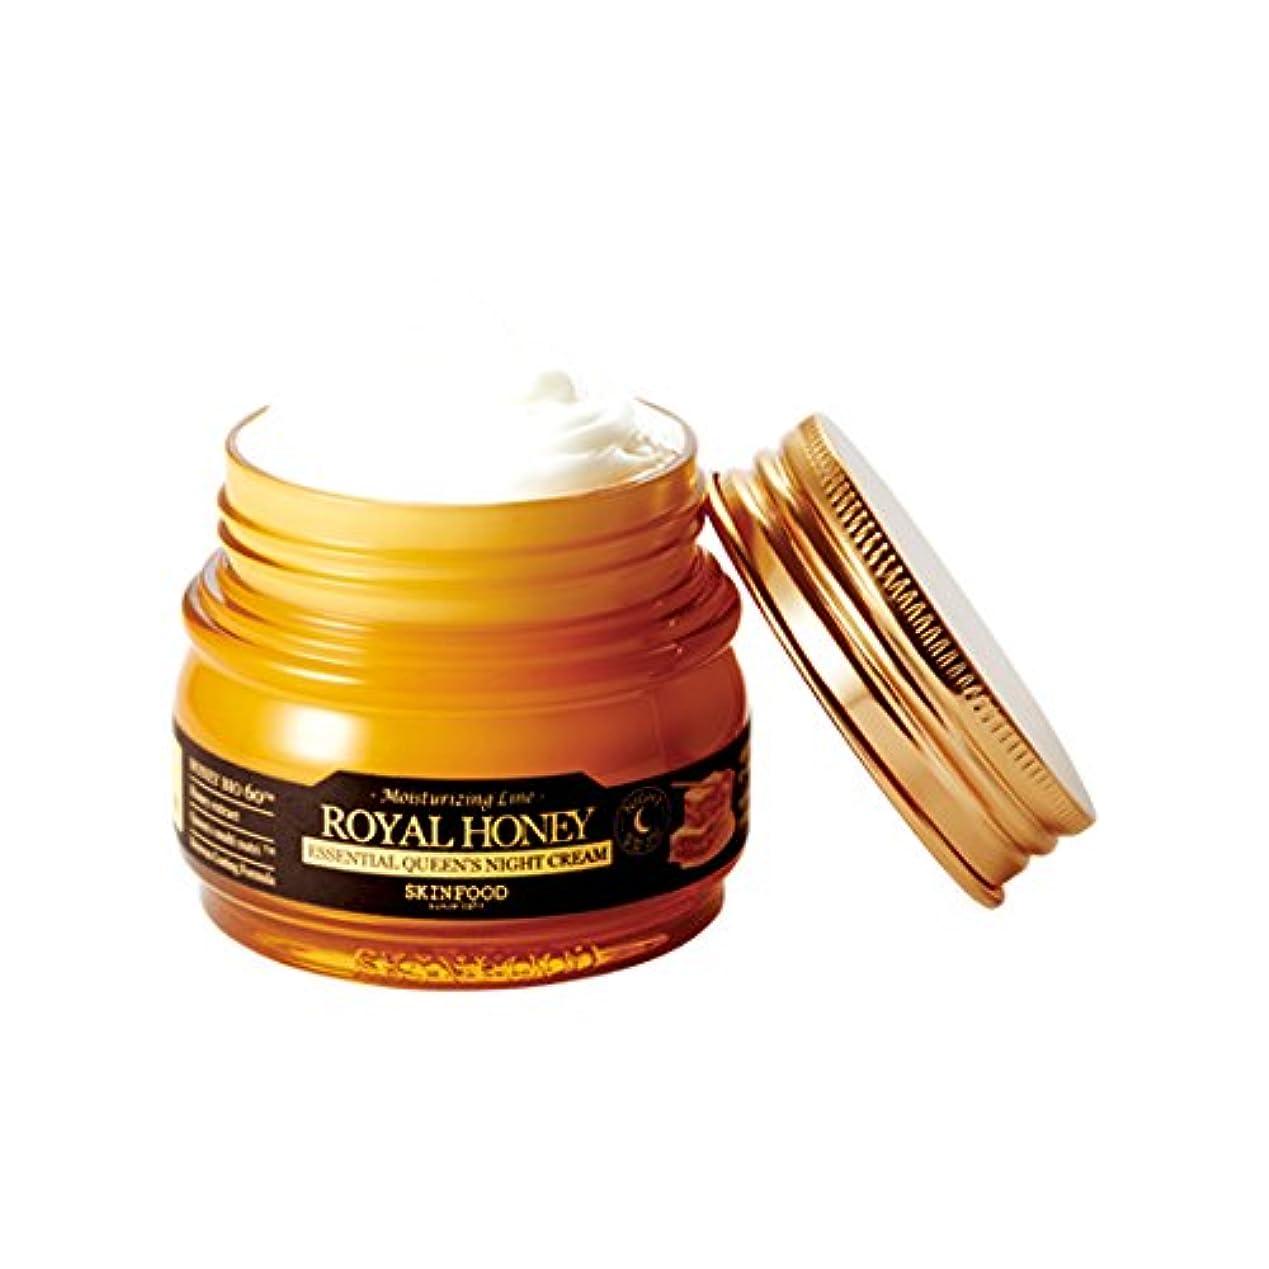 ファイター注入ランドリーSKINFOOD Royal Honey Essential Queen's Night Cream 63ml / スキンフード ロイヤルハニーエッセンシャルクイーンズナイトクリーム 63ml [並行輸入品]